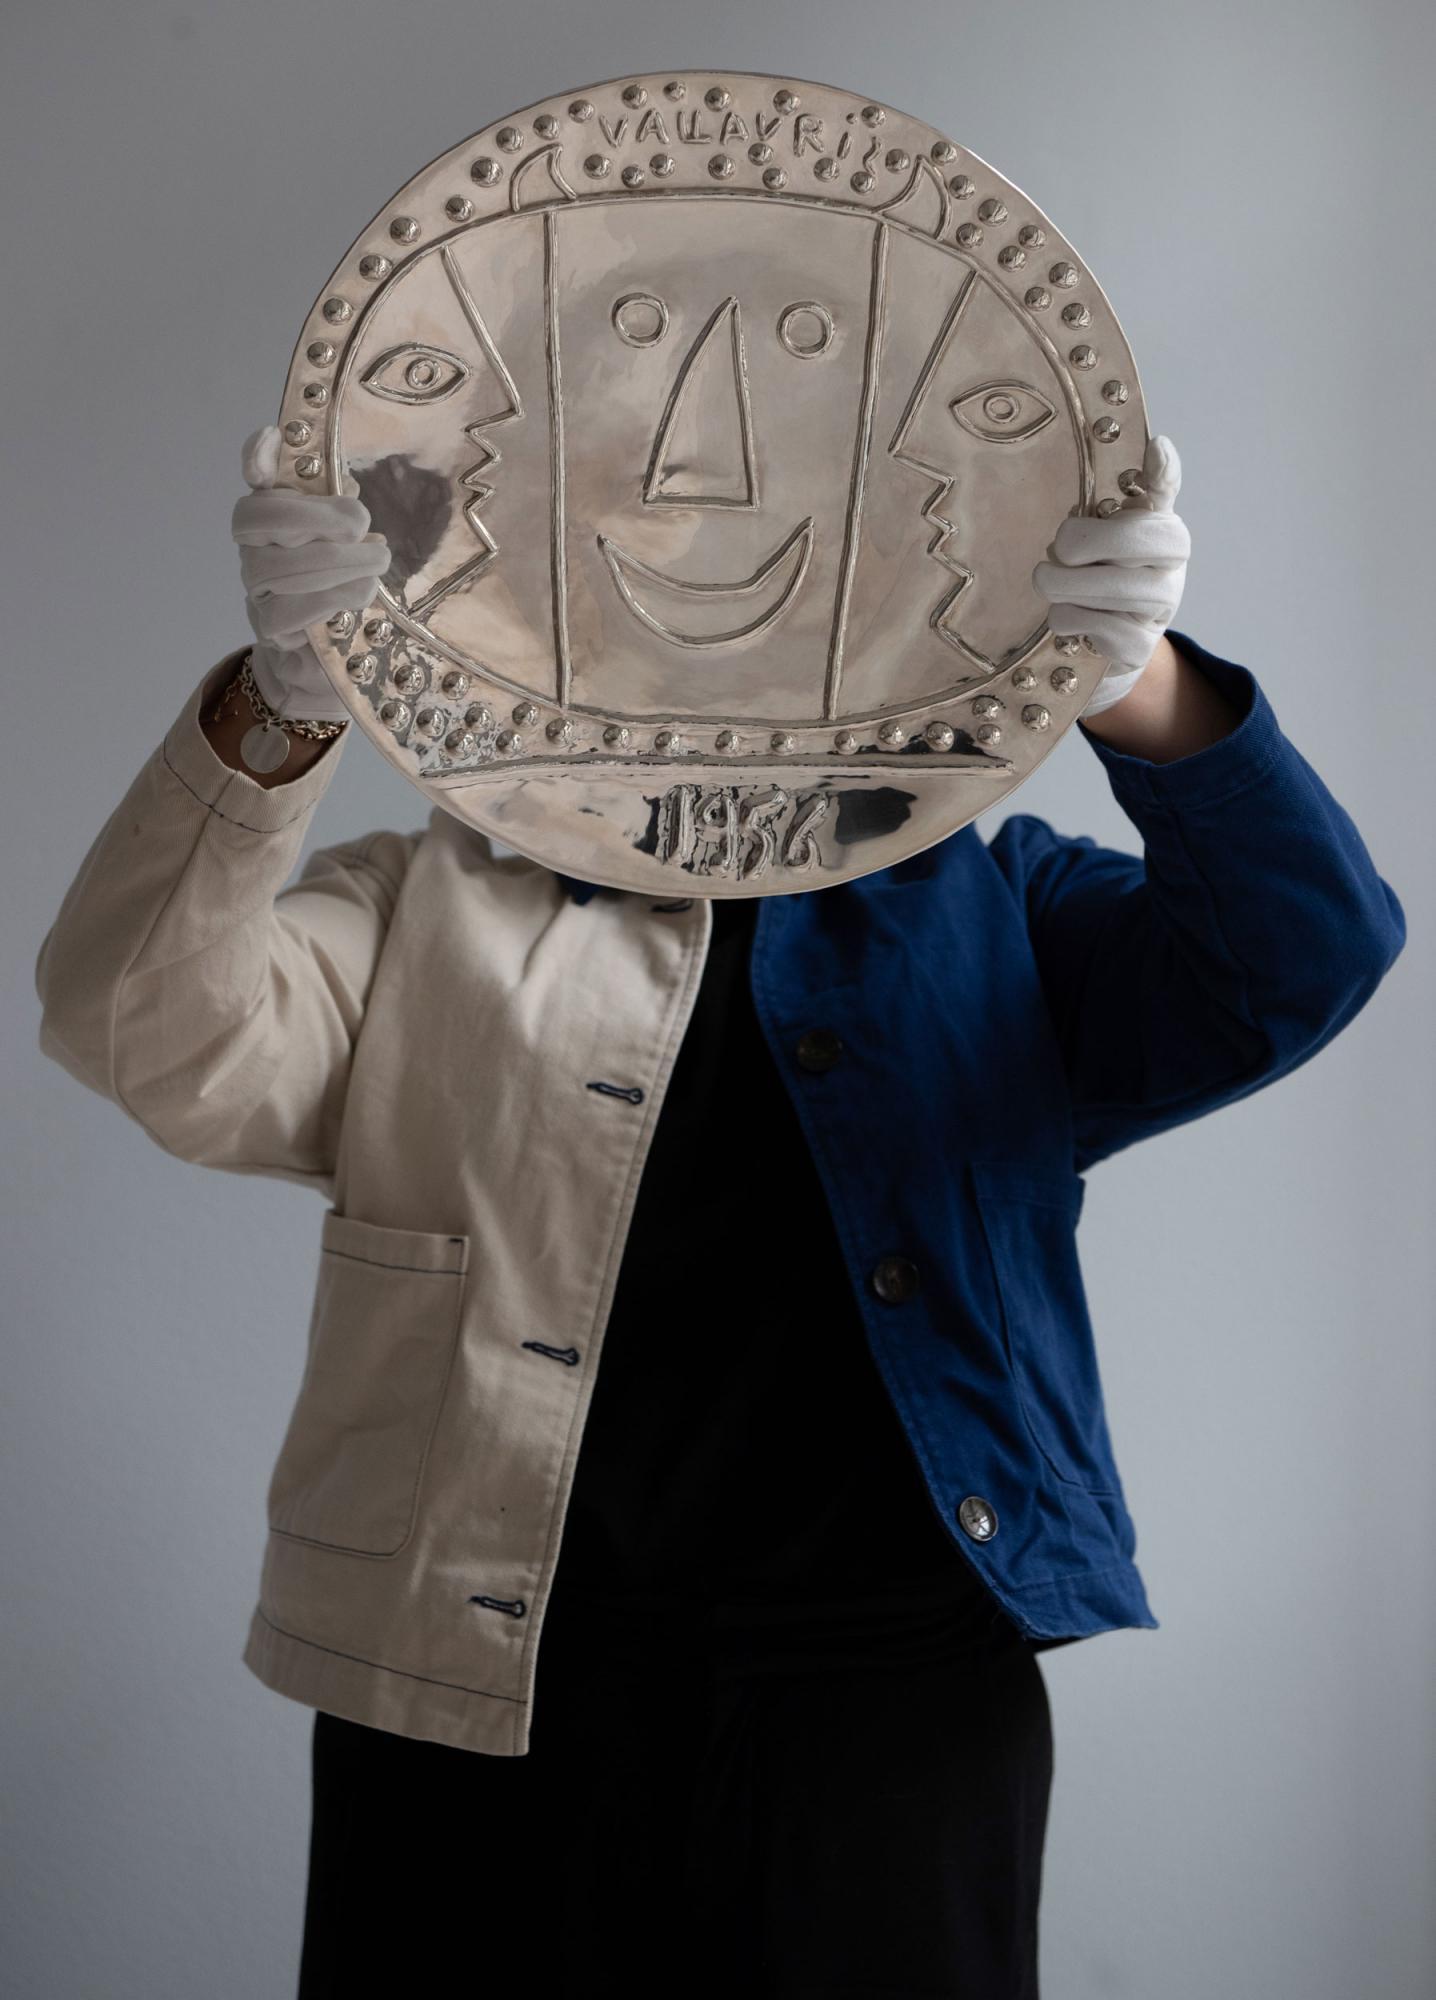 Pablo Picasso, A Complete set of 24 silver plates, 1956-1967, est_ £1_2-1_8 million (3).jpg